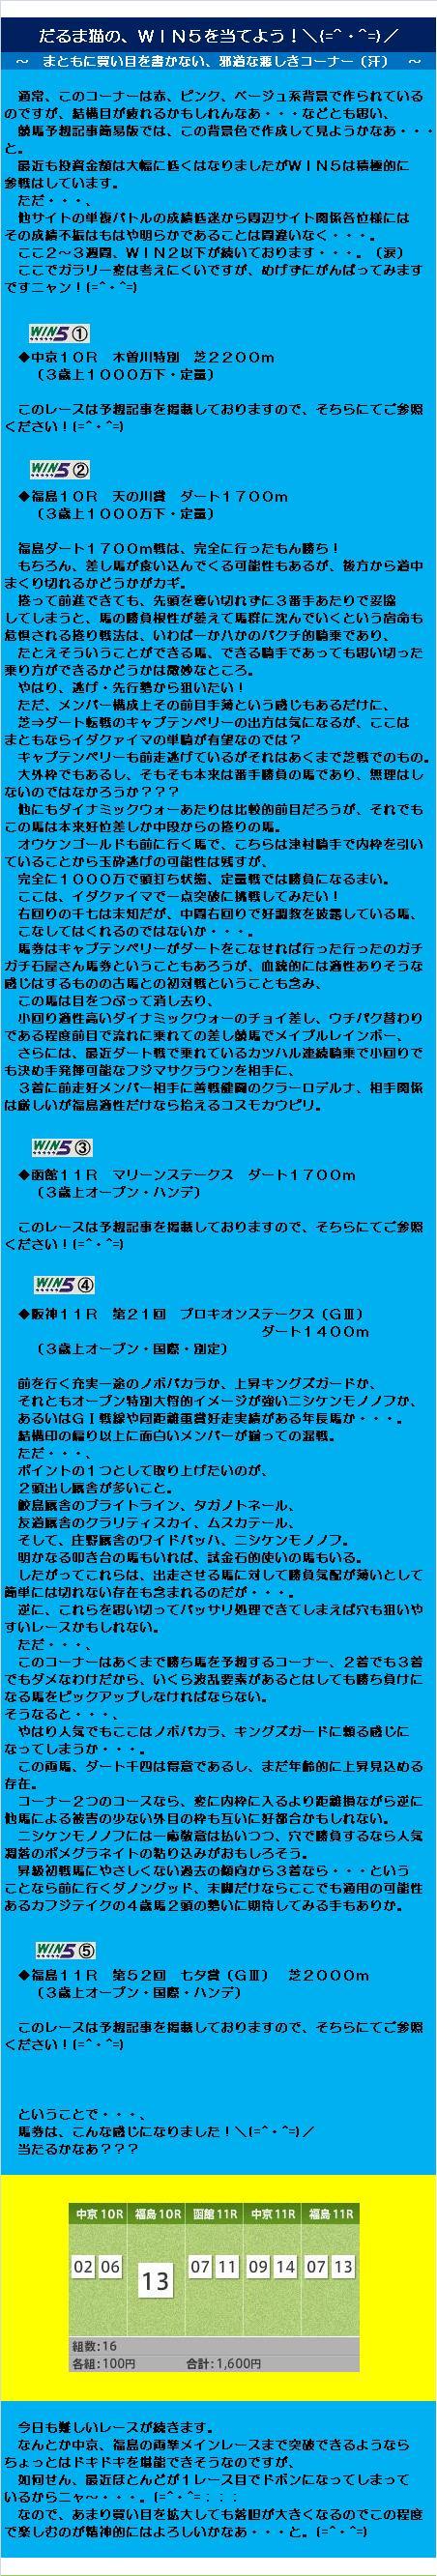 20160710・日曜競馬予想③.jpg